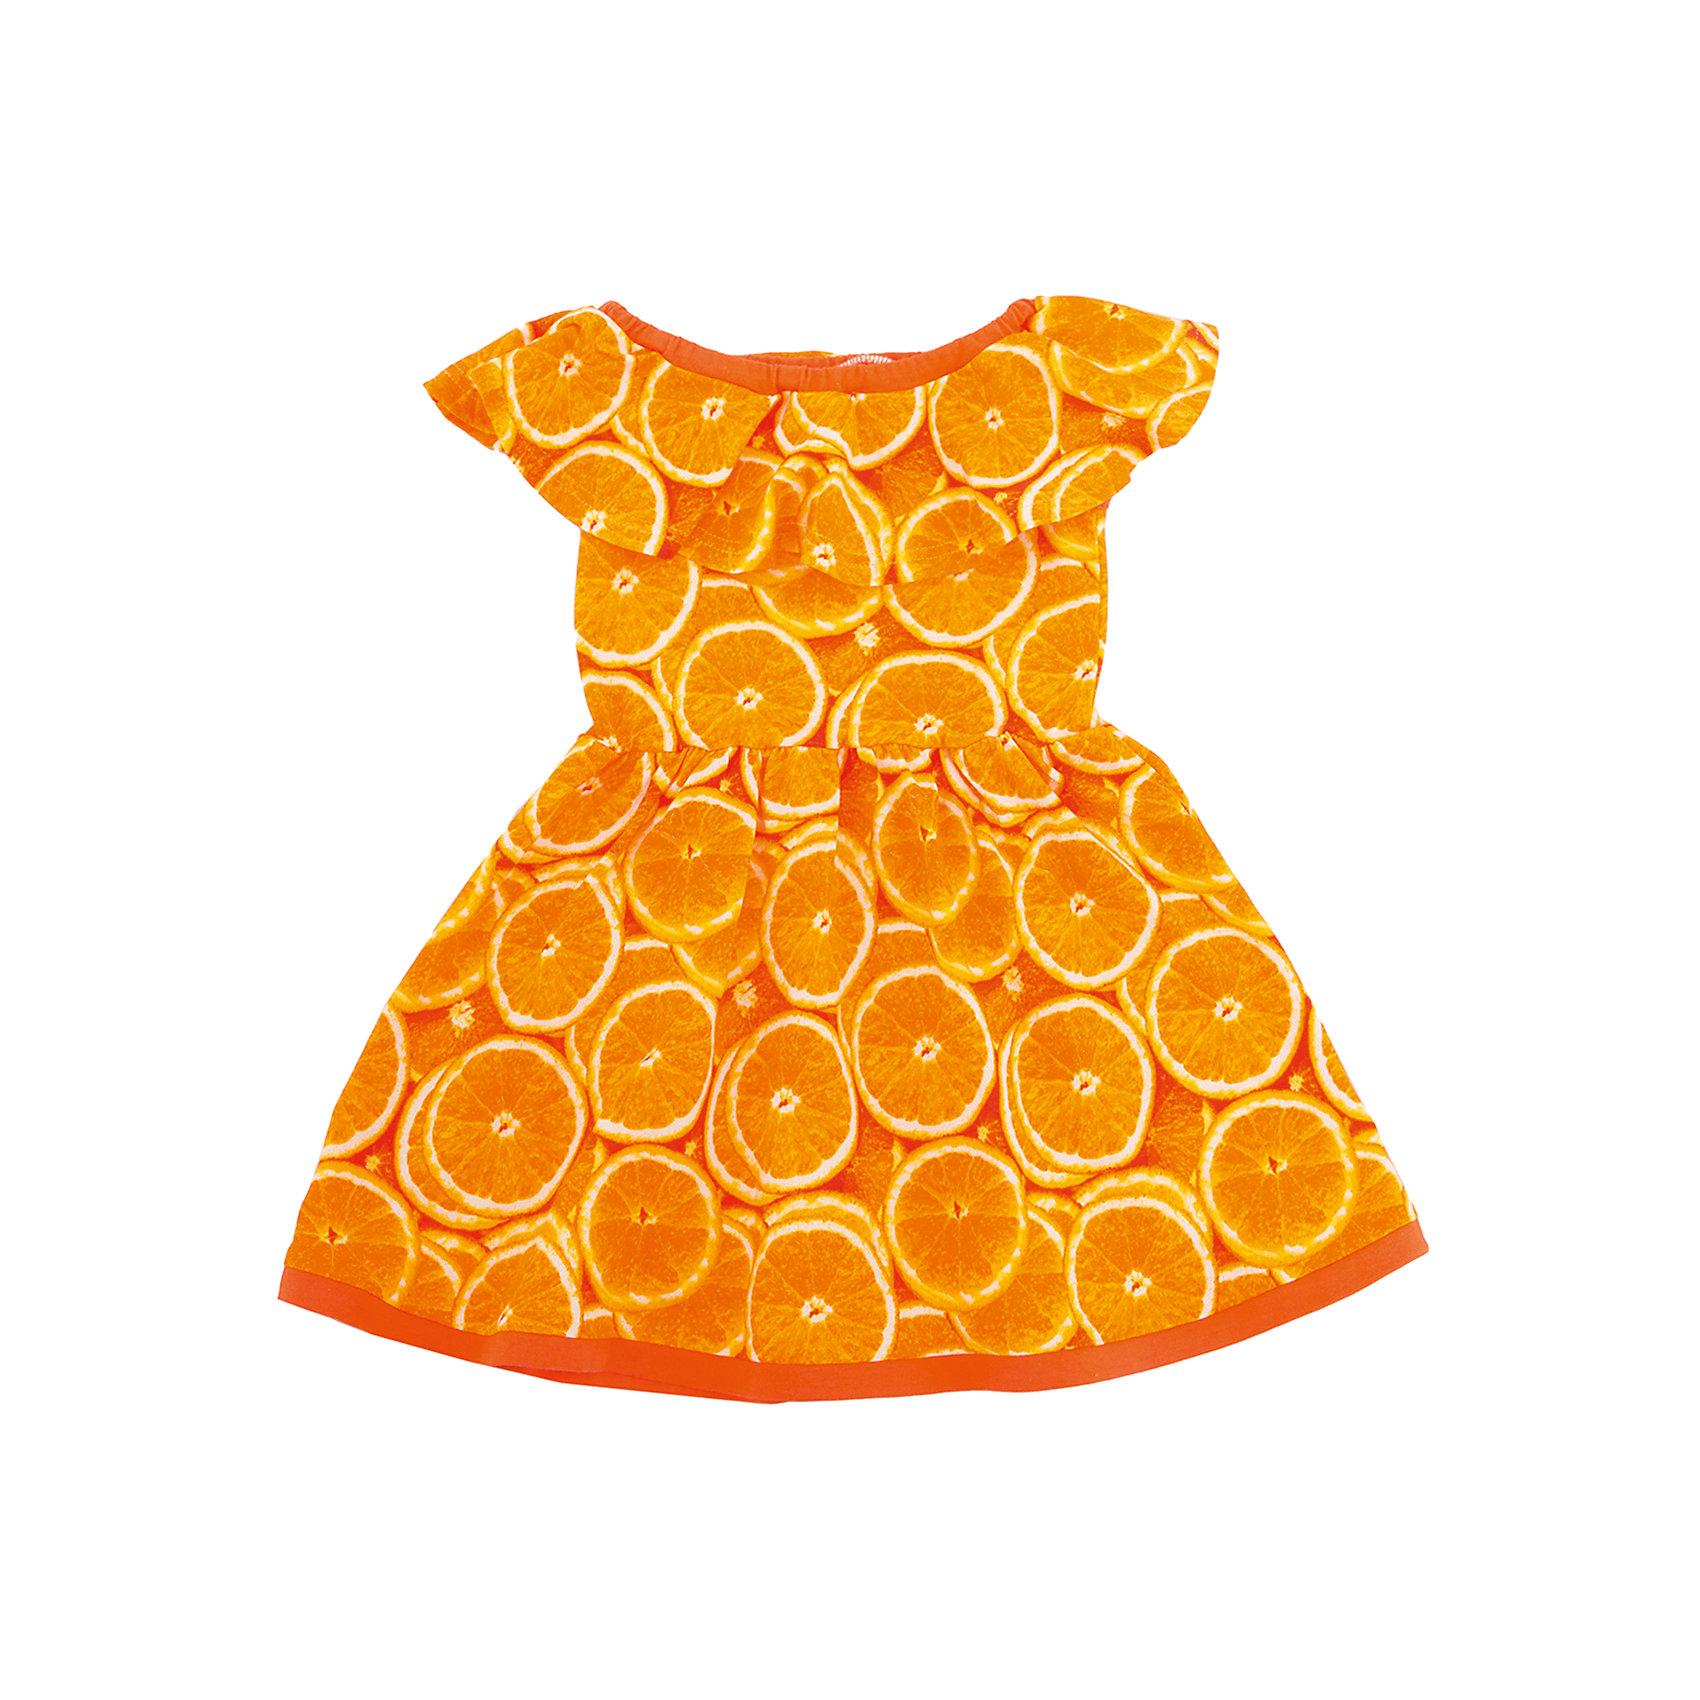 Платье для девочки АпрельПлатья и сарафаны<br>Платье для девочки Апрель.<br>Состав:<br>хлопок 100%<br><br>Ширина мм: 236<br>Глубина мм: 16<br>Высота мм: 184<br>Вес г: 177<br>Цвет: оранжевый<br>Возраст от месяцев: 84<br>Возраст до месяцев: 96<br>Пол: Женский<br>Возраст: Детский<br>Размер: 128,98,104,110,116,122<br>SKU: 5515881